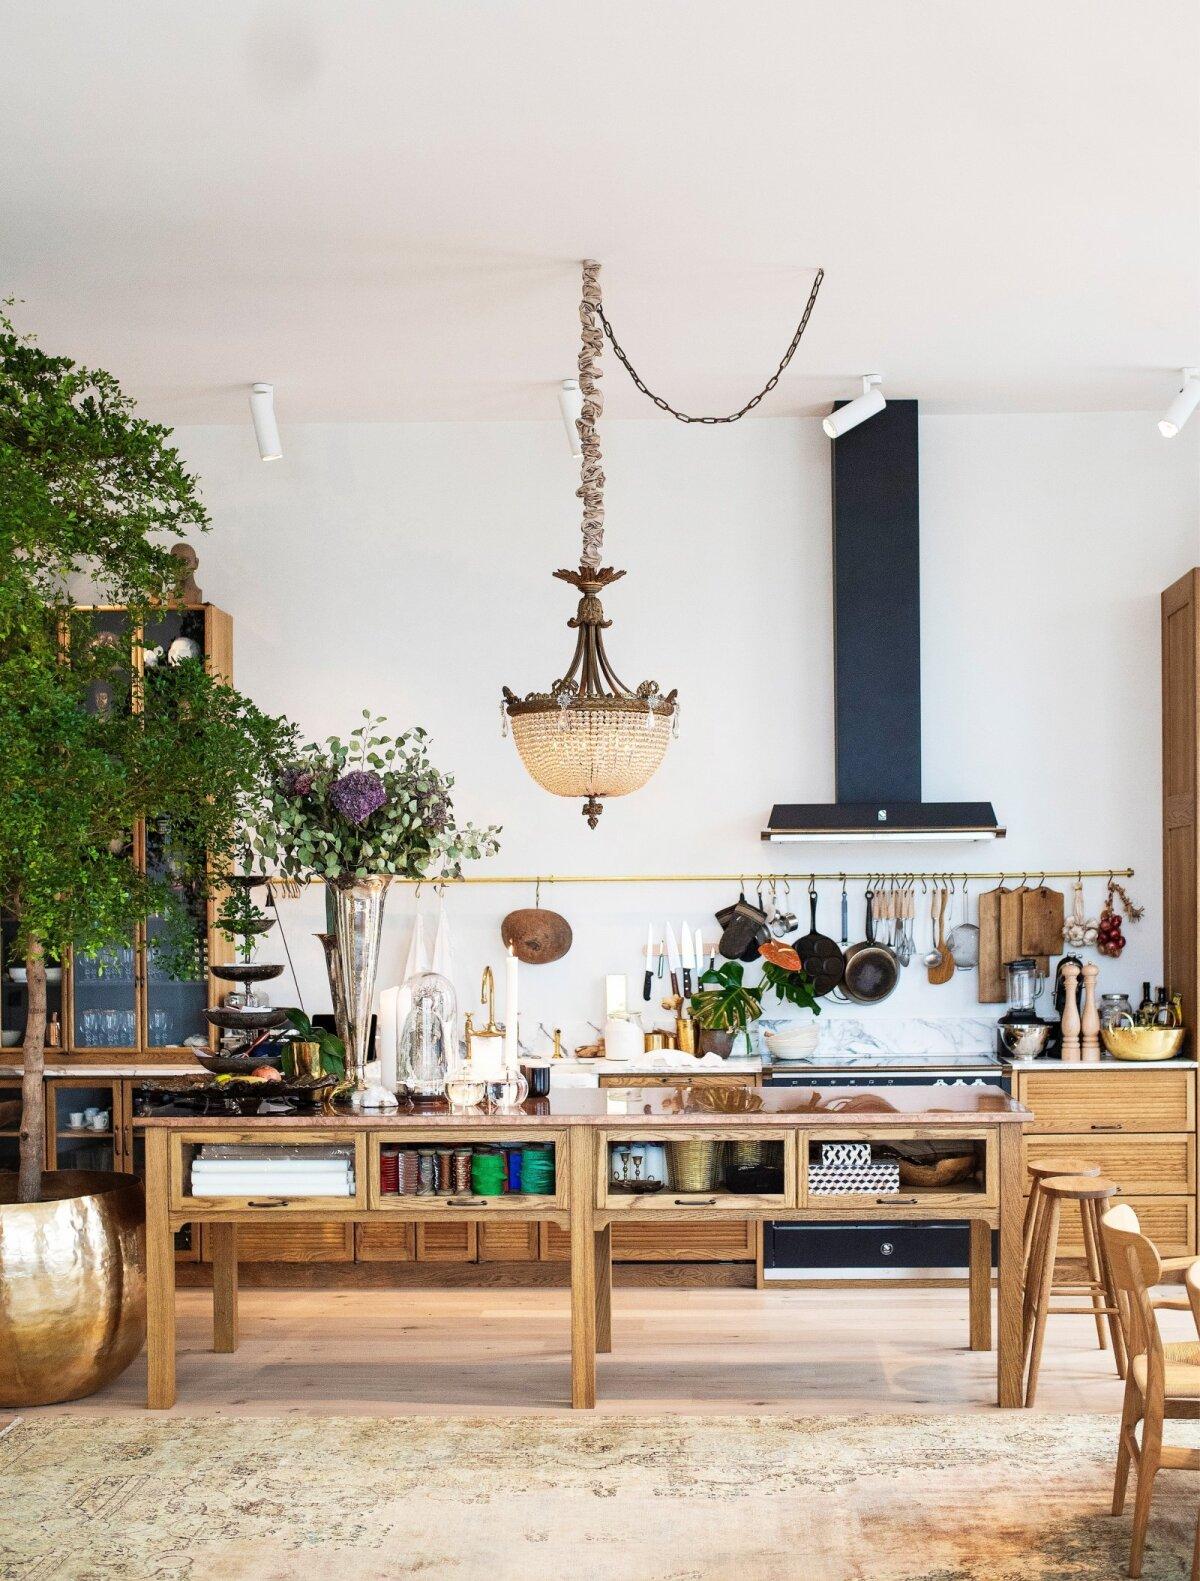 Vaade kööki.